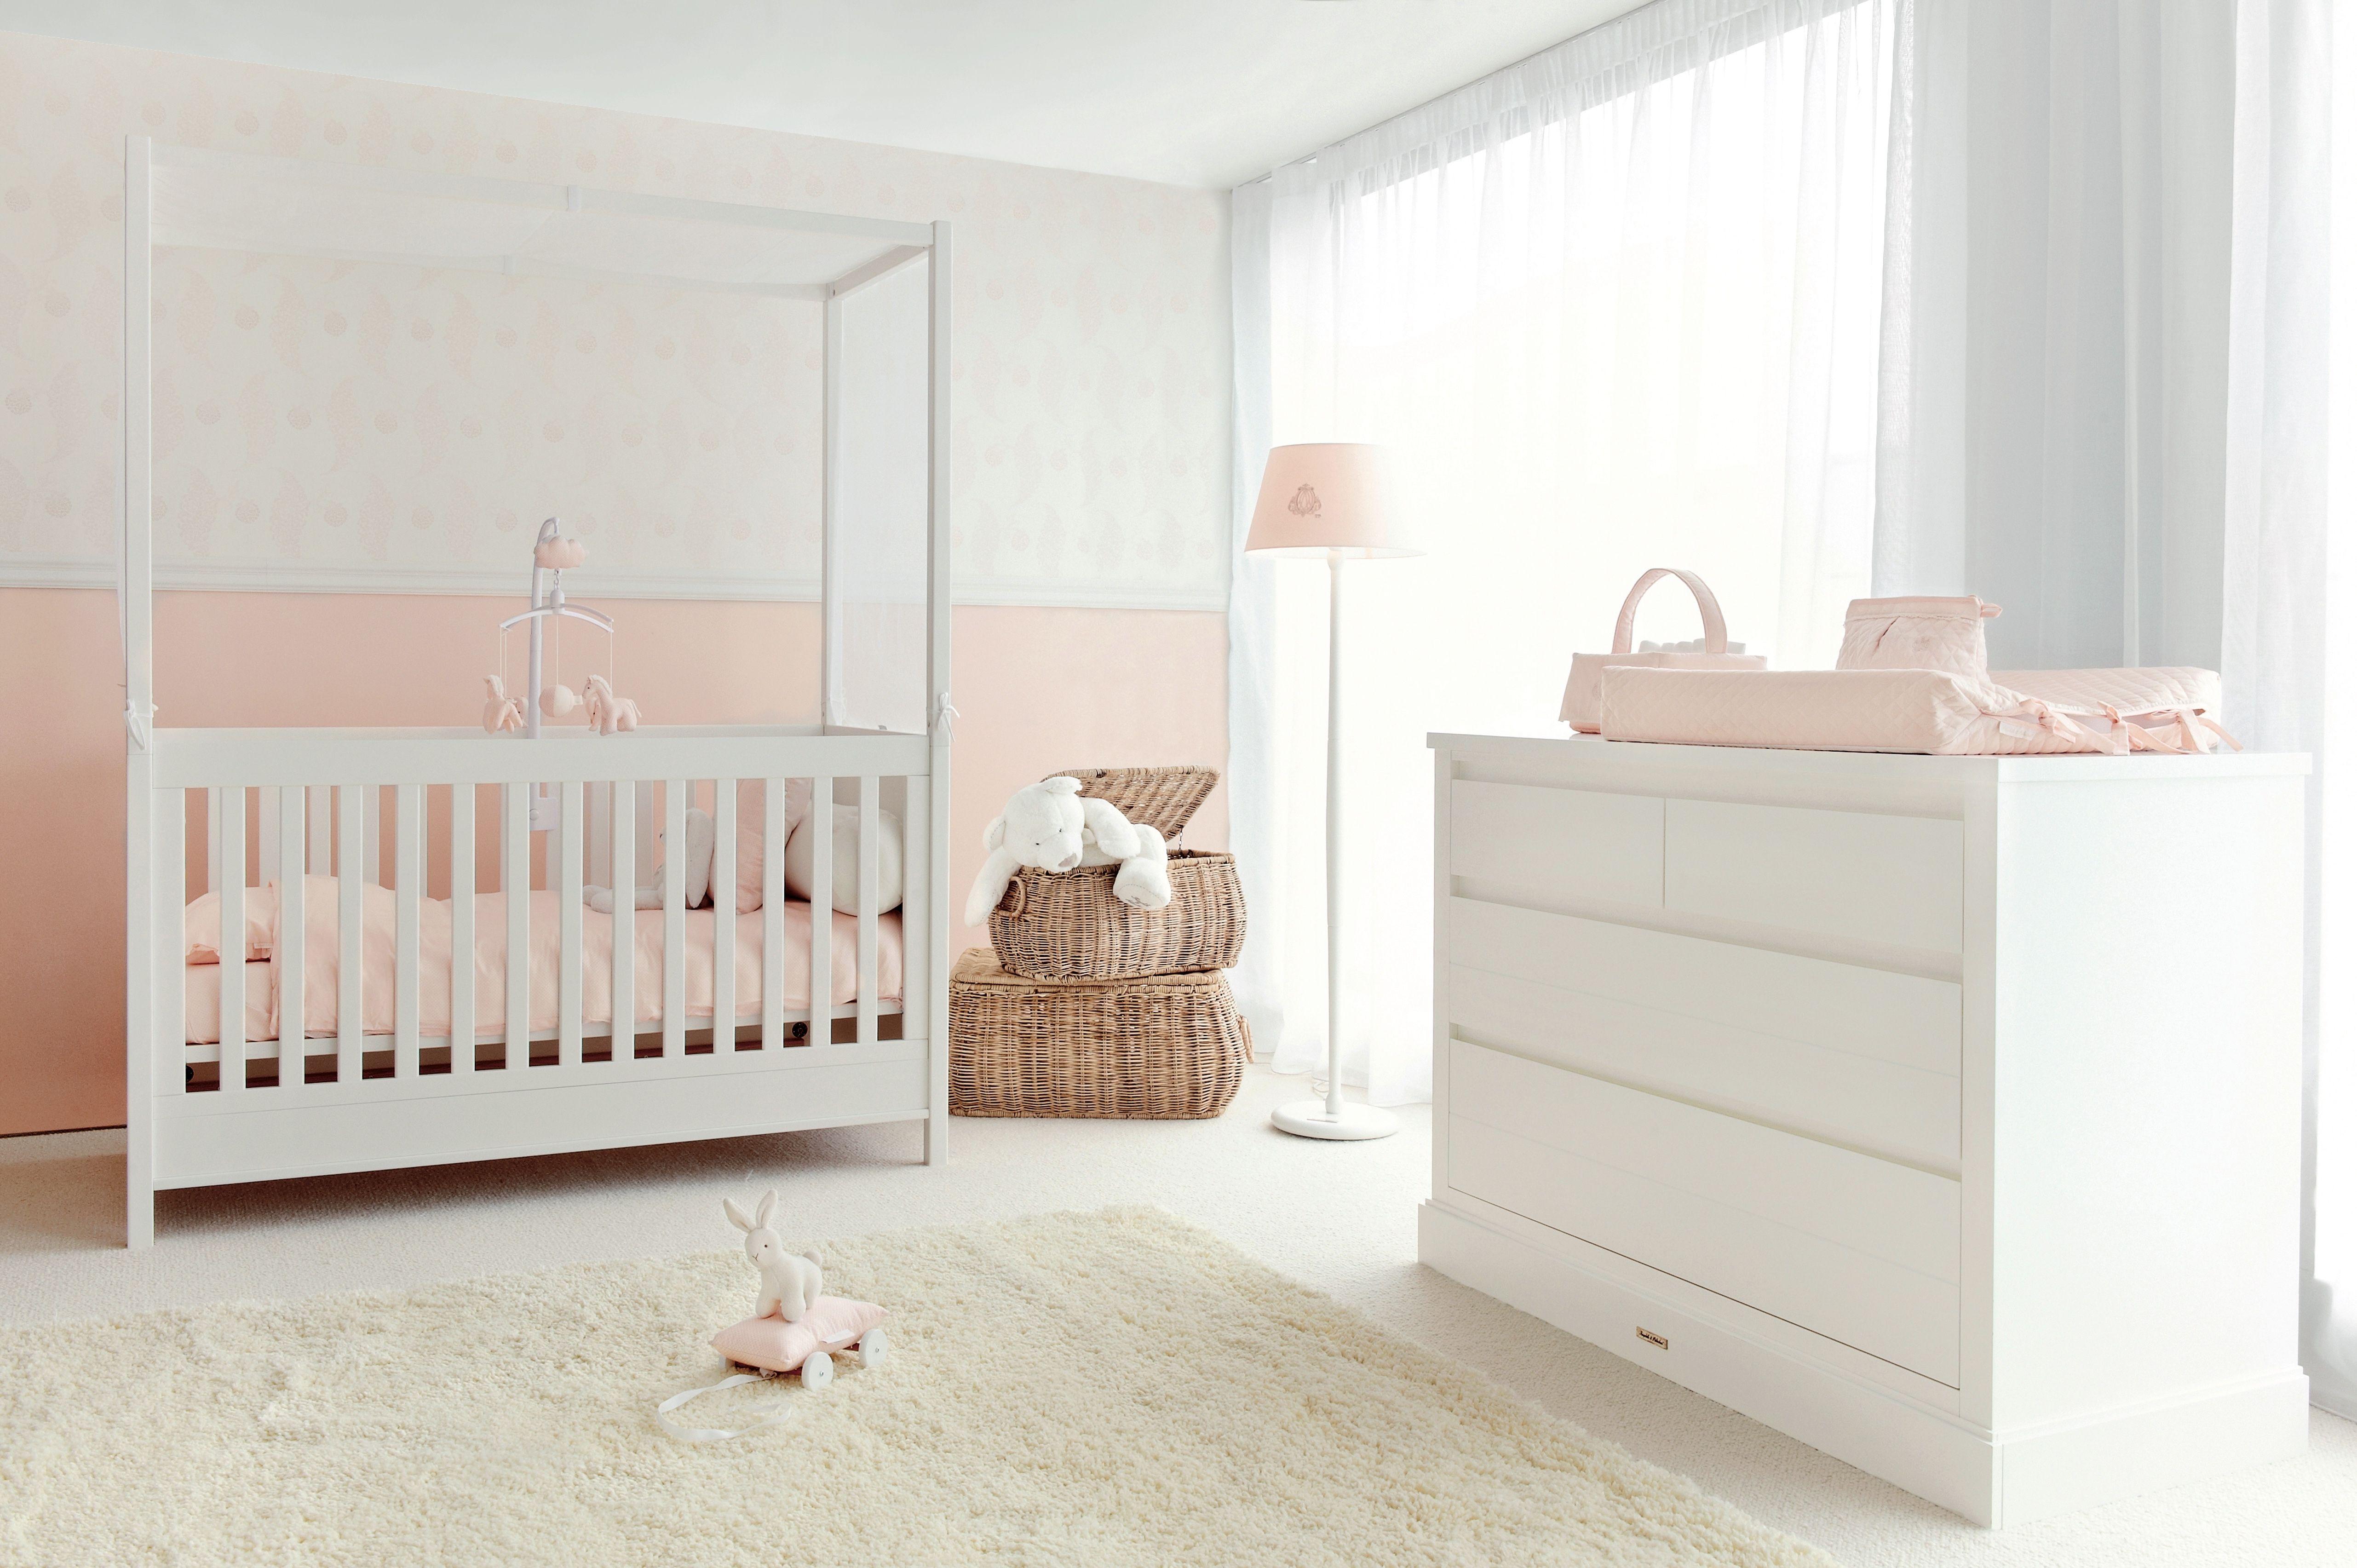 Théophile & Patachou Chambre baldaquin rose pour bébé Idées déco